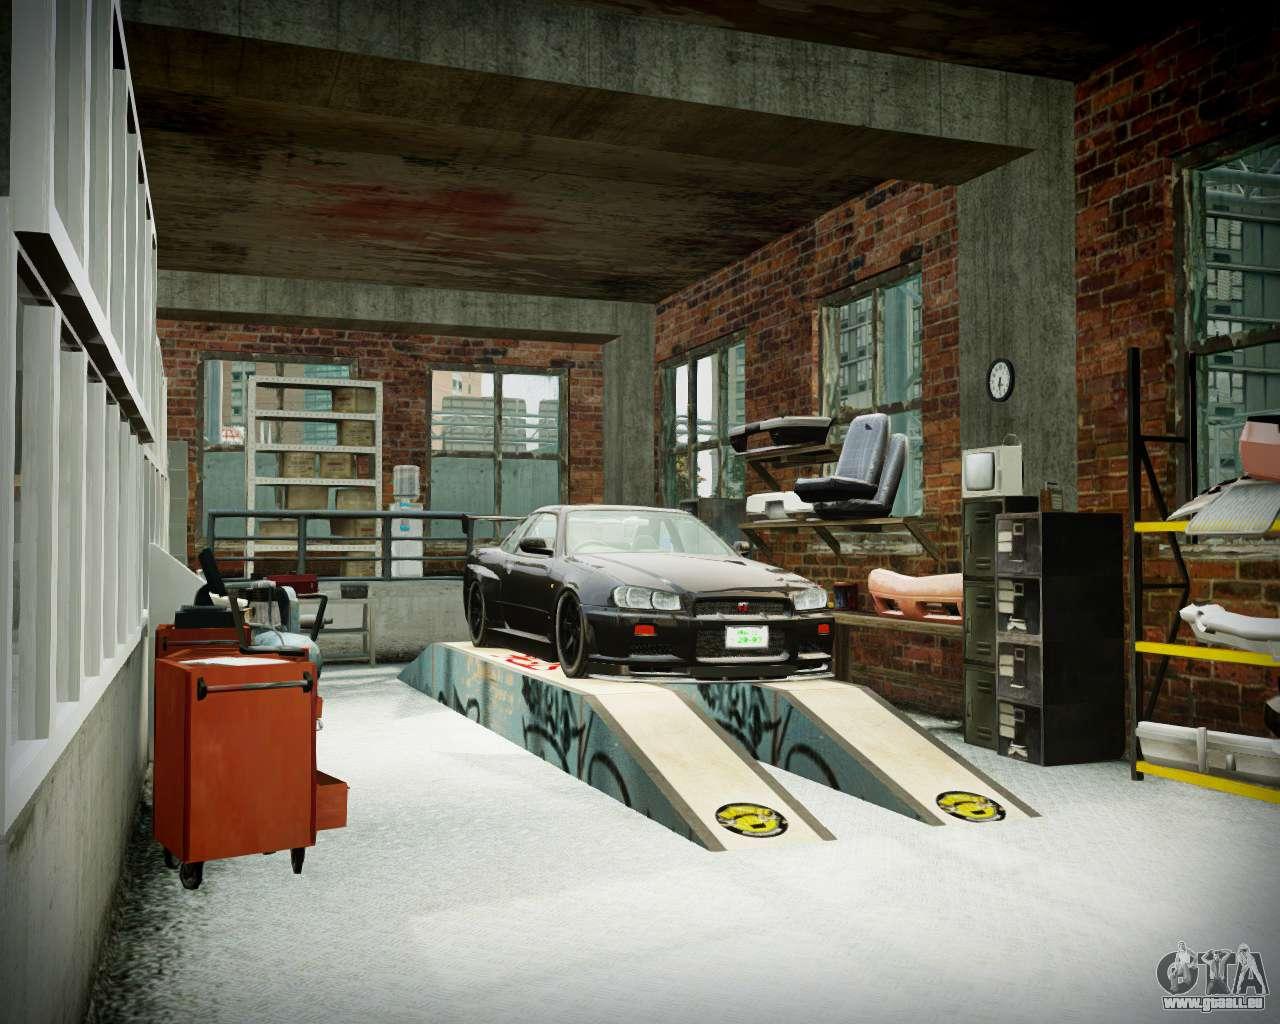 Garage avec de nouveaux int rieur alcaline pour gta 4 for Garage interieur